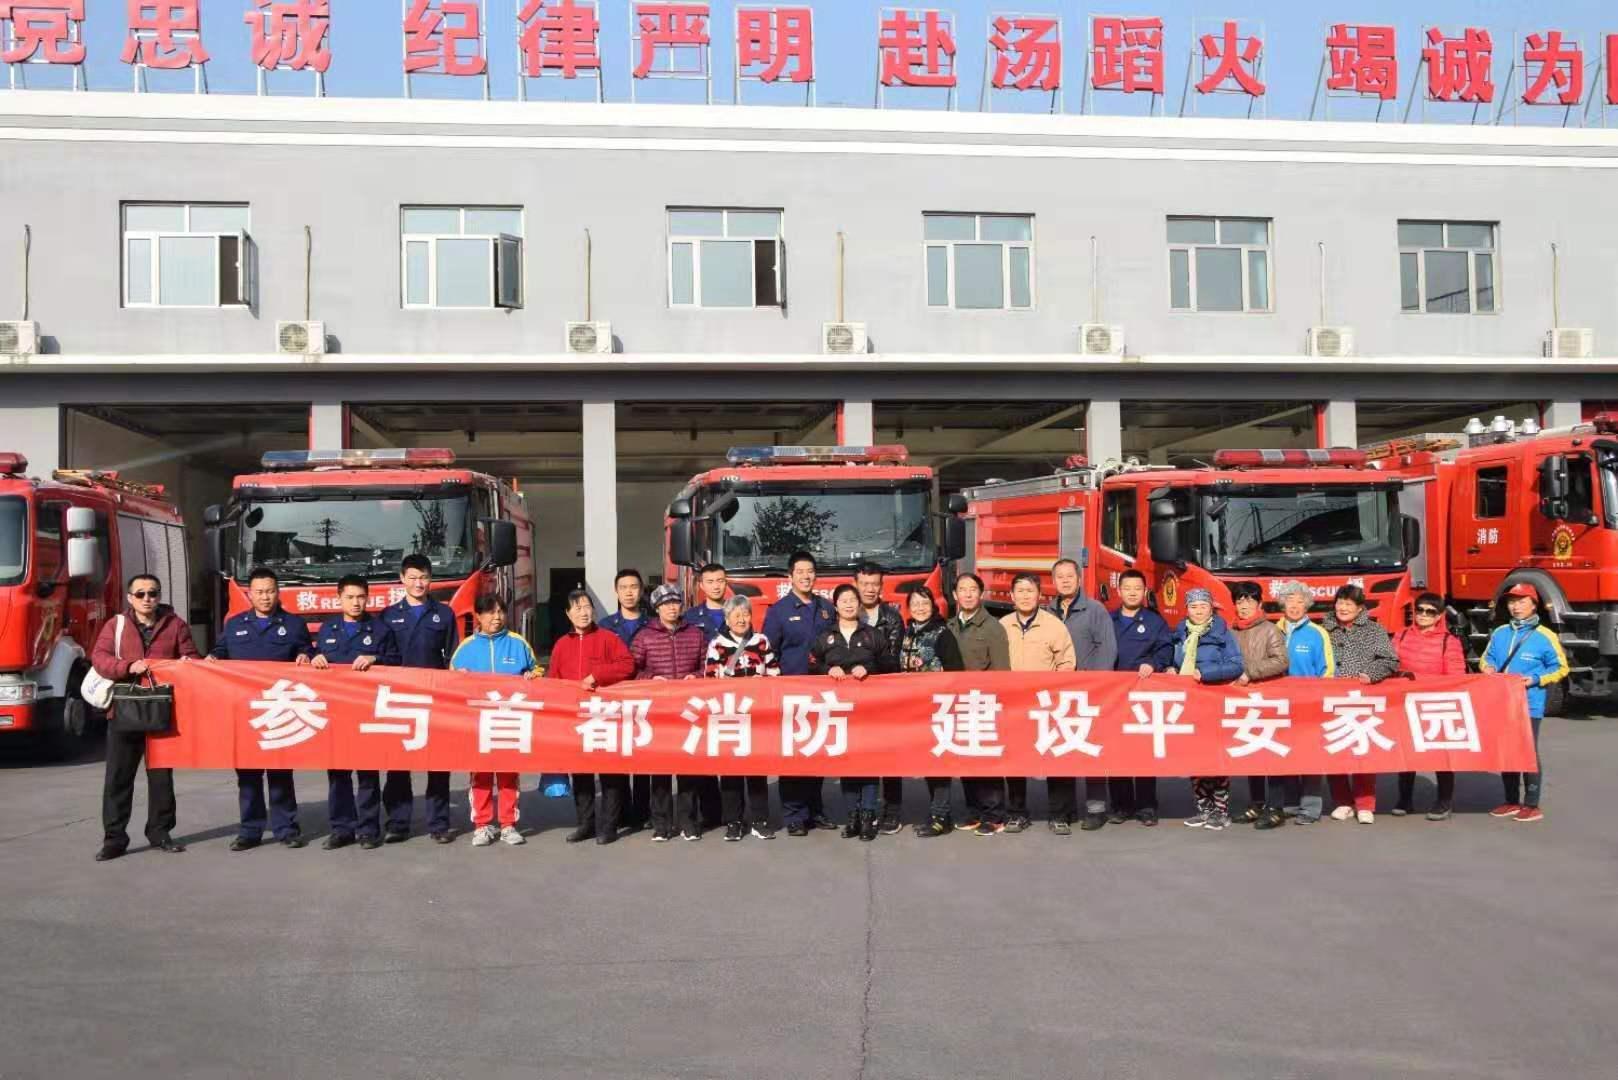 丰台消防打开红门普及消防安全常识